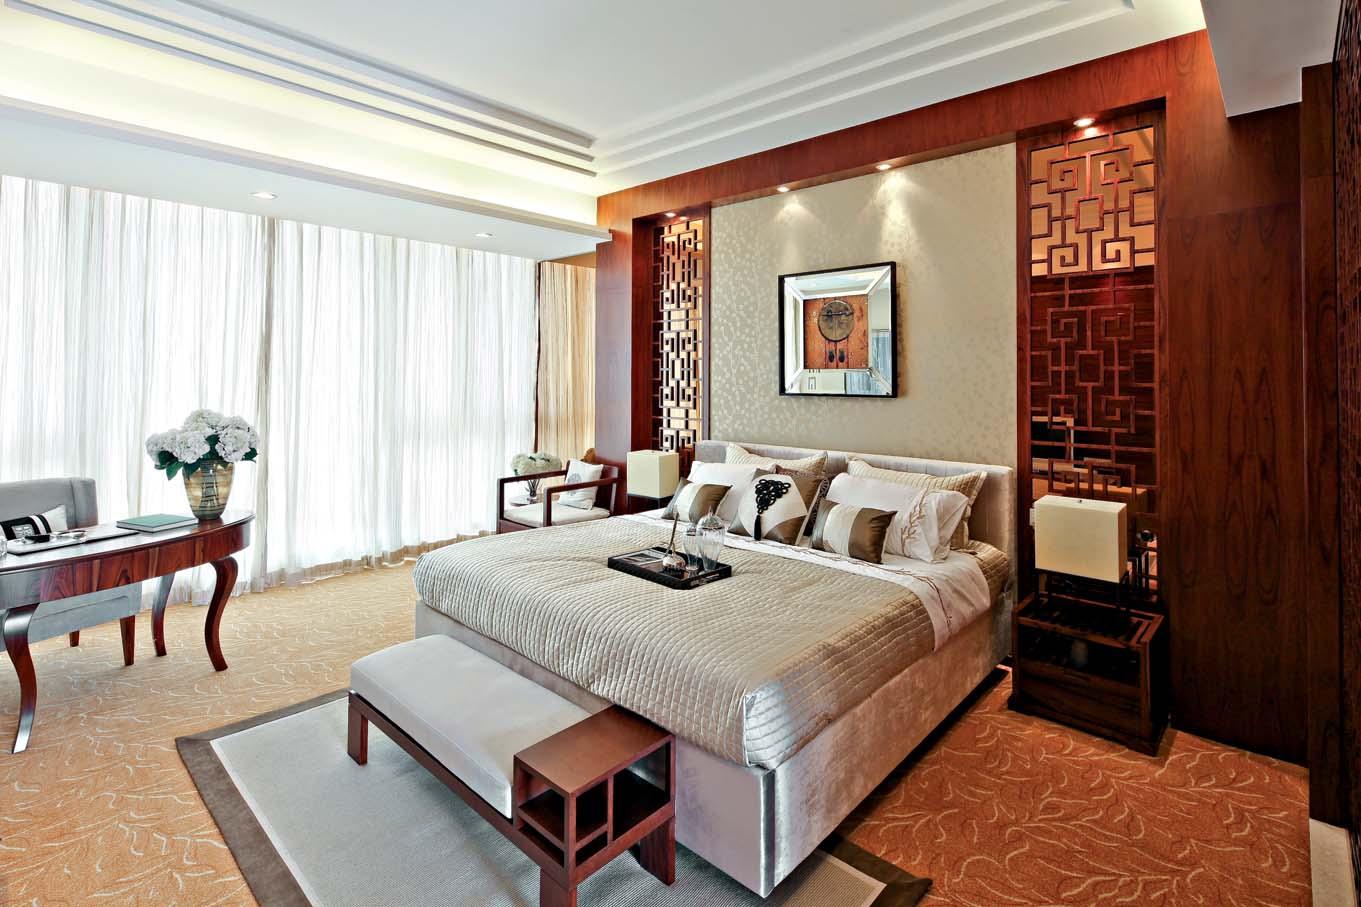 新中式 中式风格 室内设计 装修风格 装修设计 卧室图片来自别墅装修设计yan在新中式风格首创国际半岛的分享